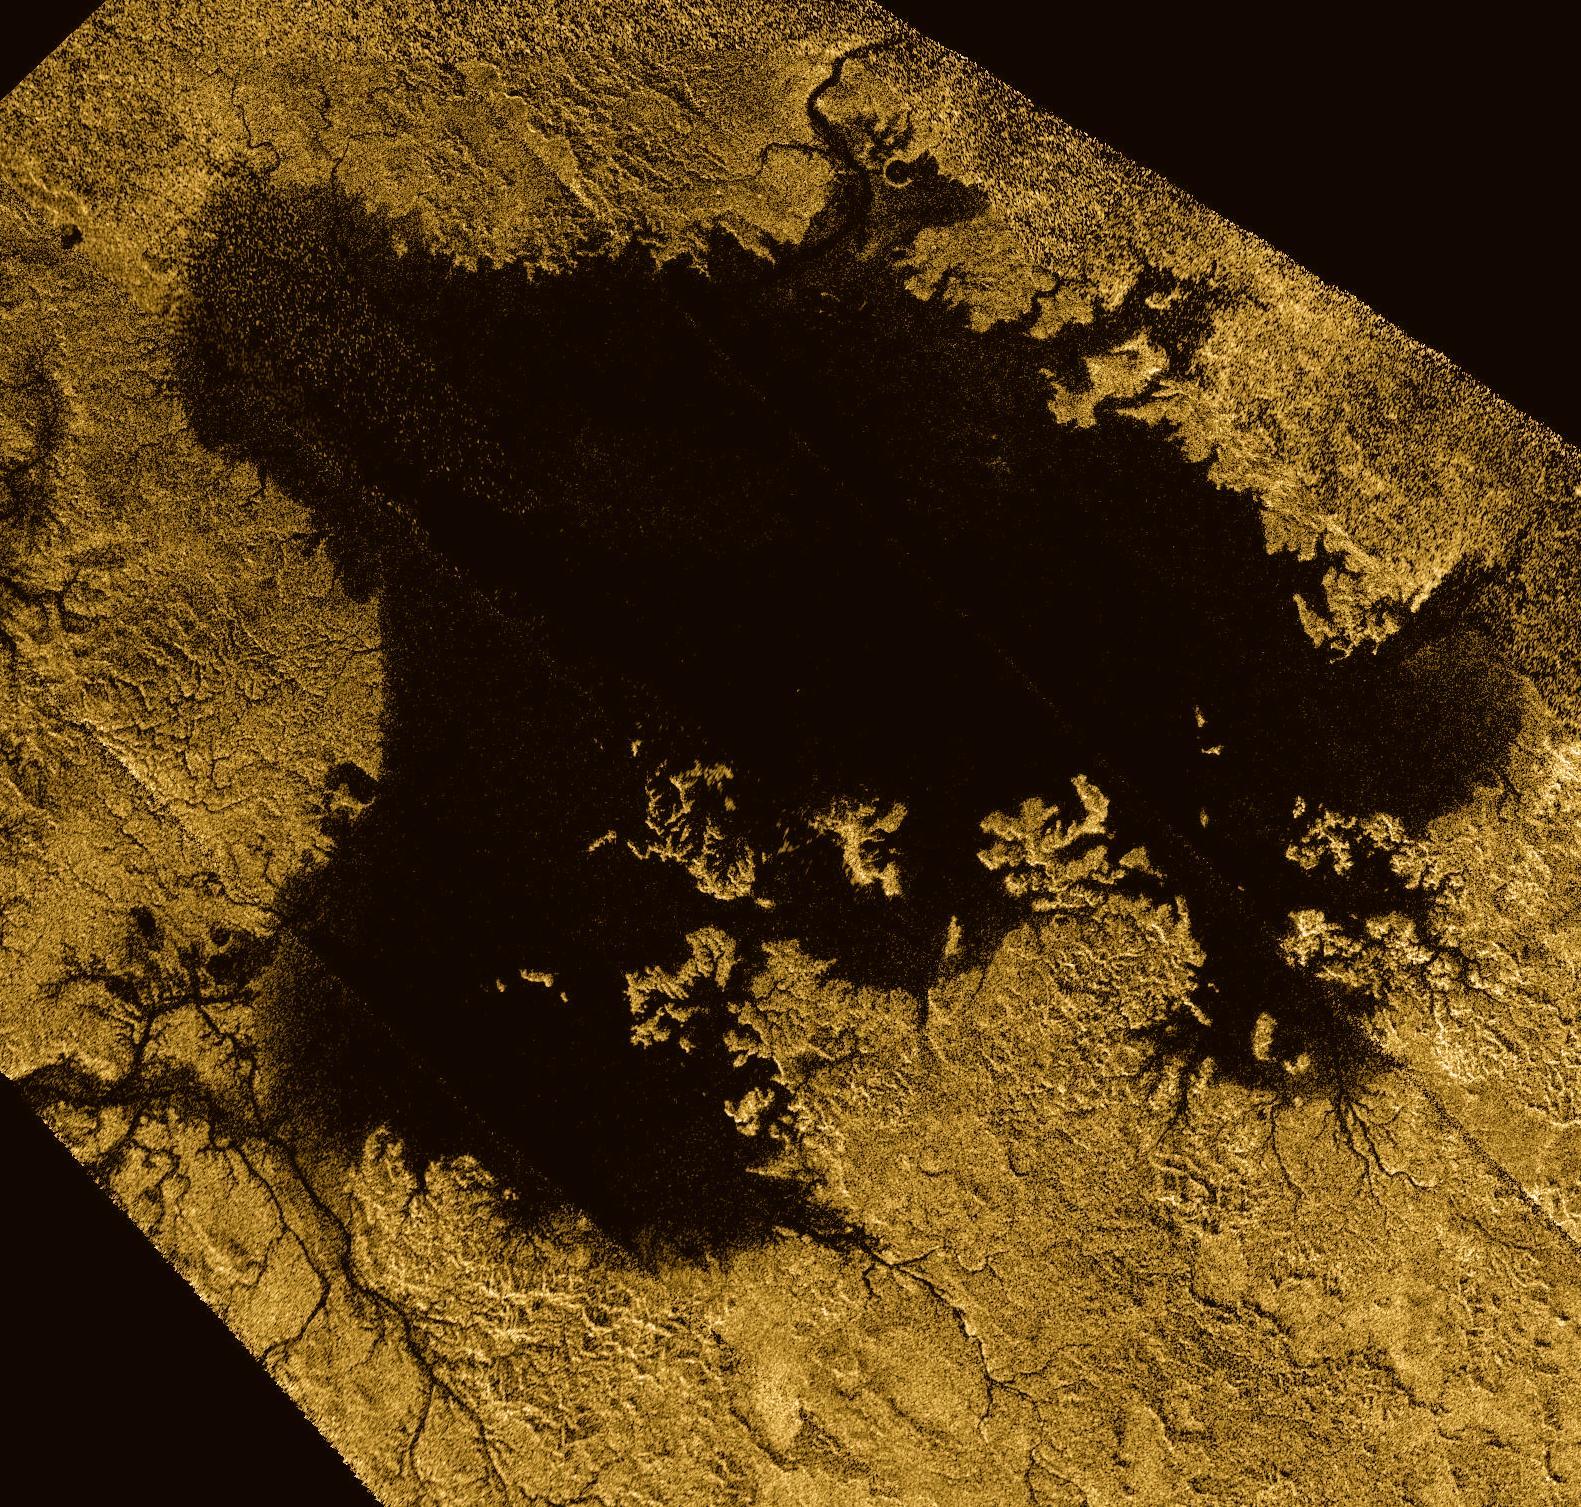 1567215635235-Cassini_Ligeia_Mare.jpg